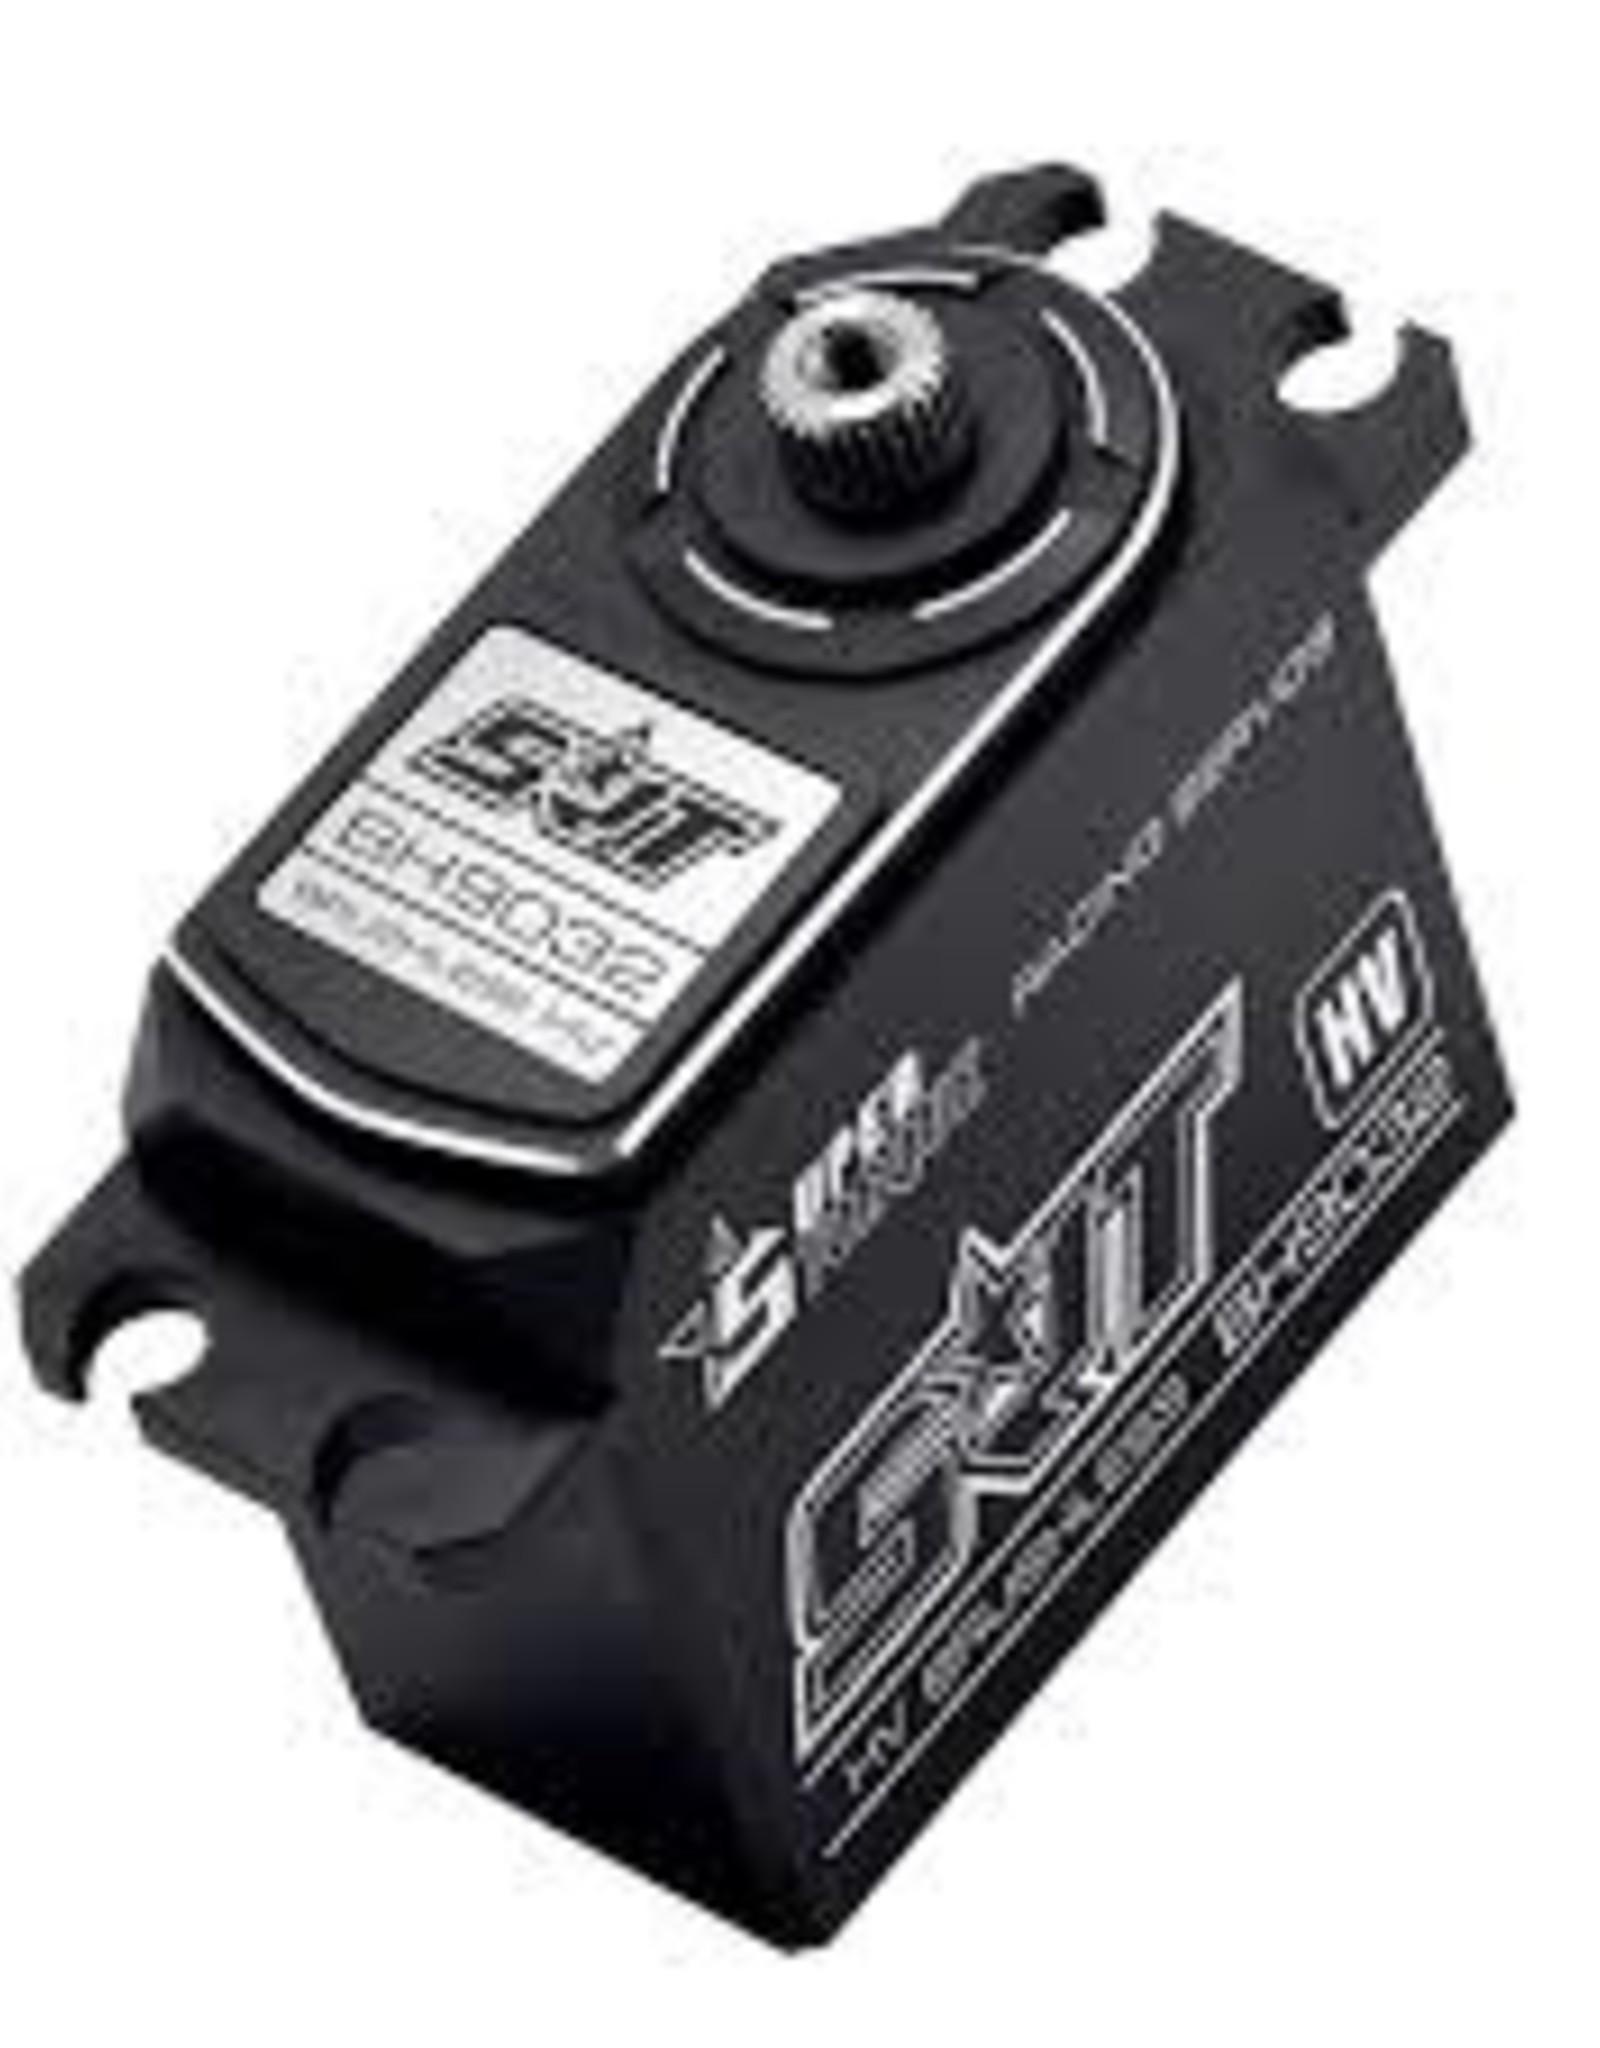 SRT BH922S 1/8 HV Ultra High Speed Aluminum Case Brushless Servo